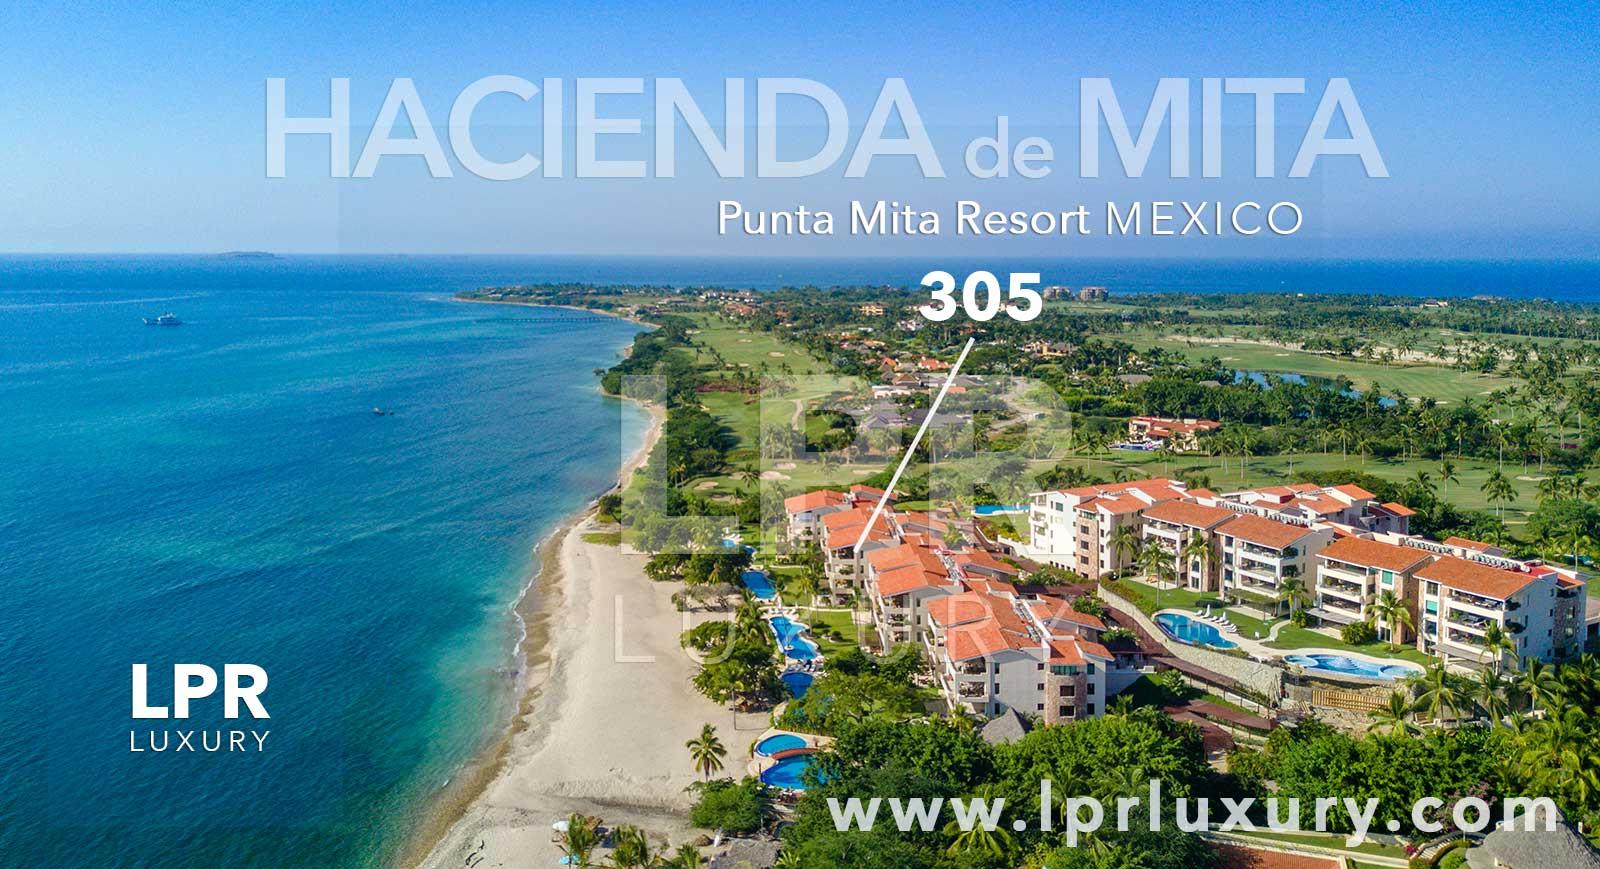 Hacienda de Mita 305 - Villa Las Palmas 3 - at the exclusive Punta Mita Resort, Riviera Nayarit, Mexico